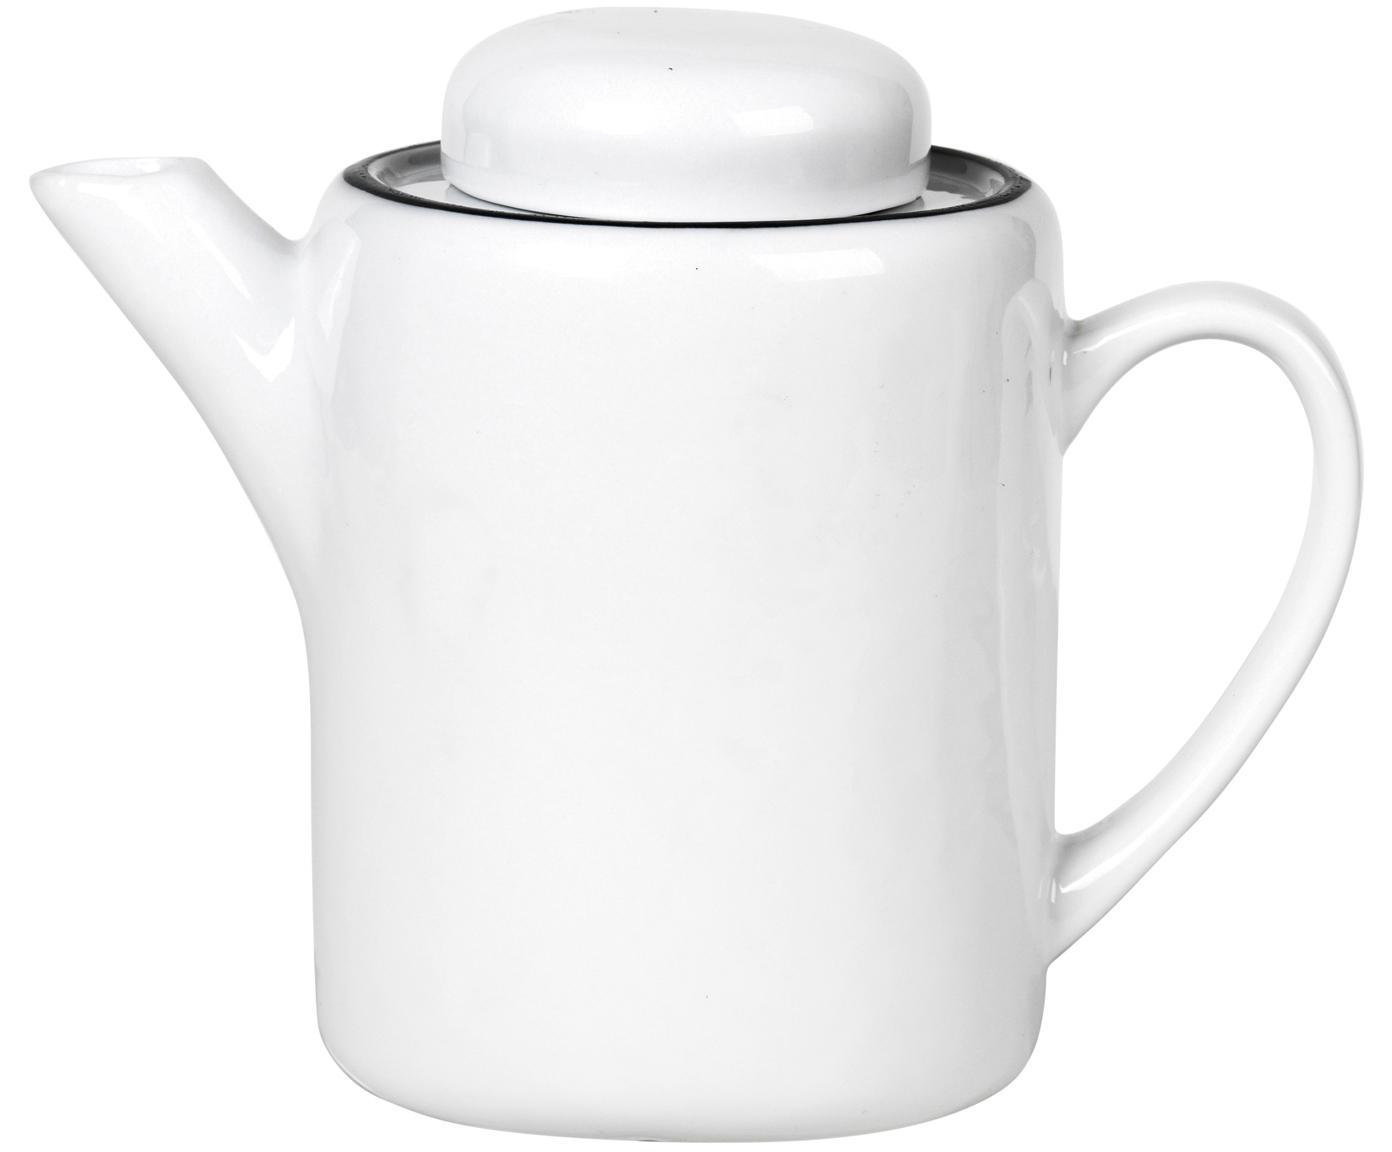 Handgemachte Teekanne Salt mit schwarzem Rand, Porzellan, Gebrochenes Weiss, Schwarz, 1.3 L